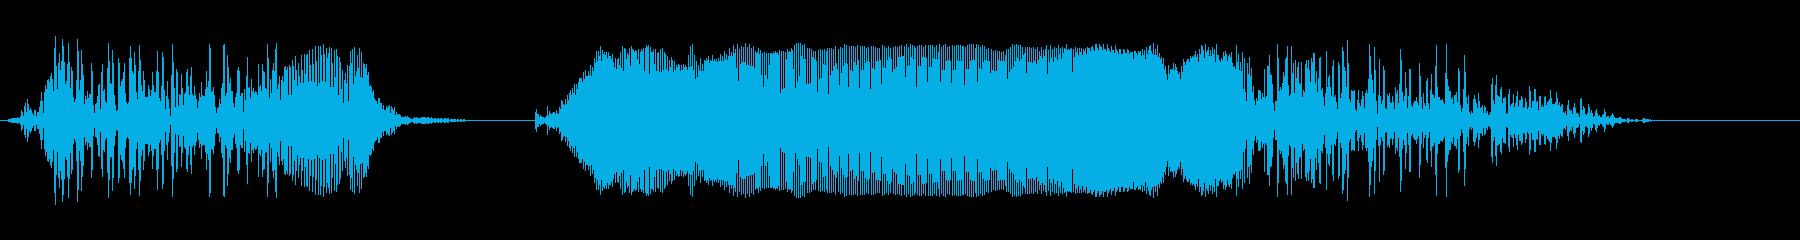 ばかーー!の再生済みの波形